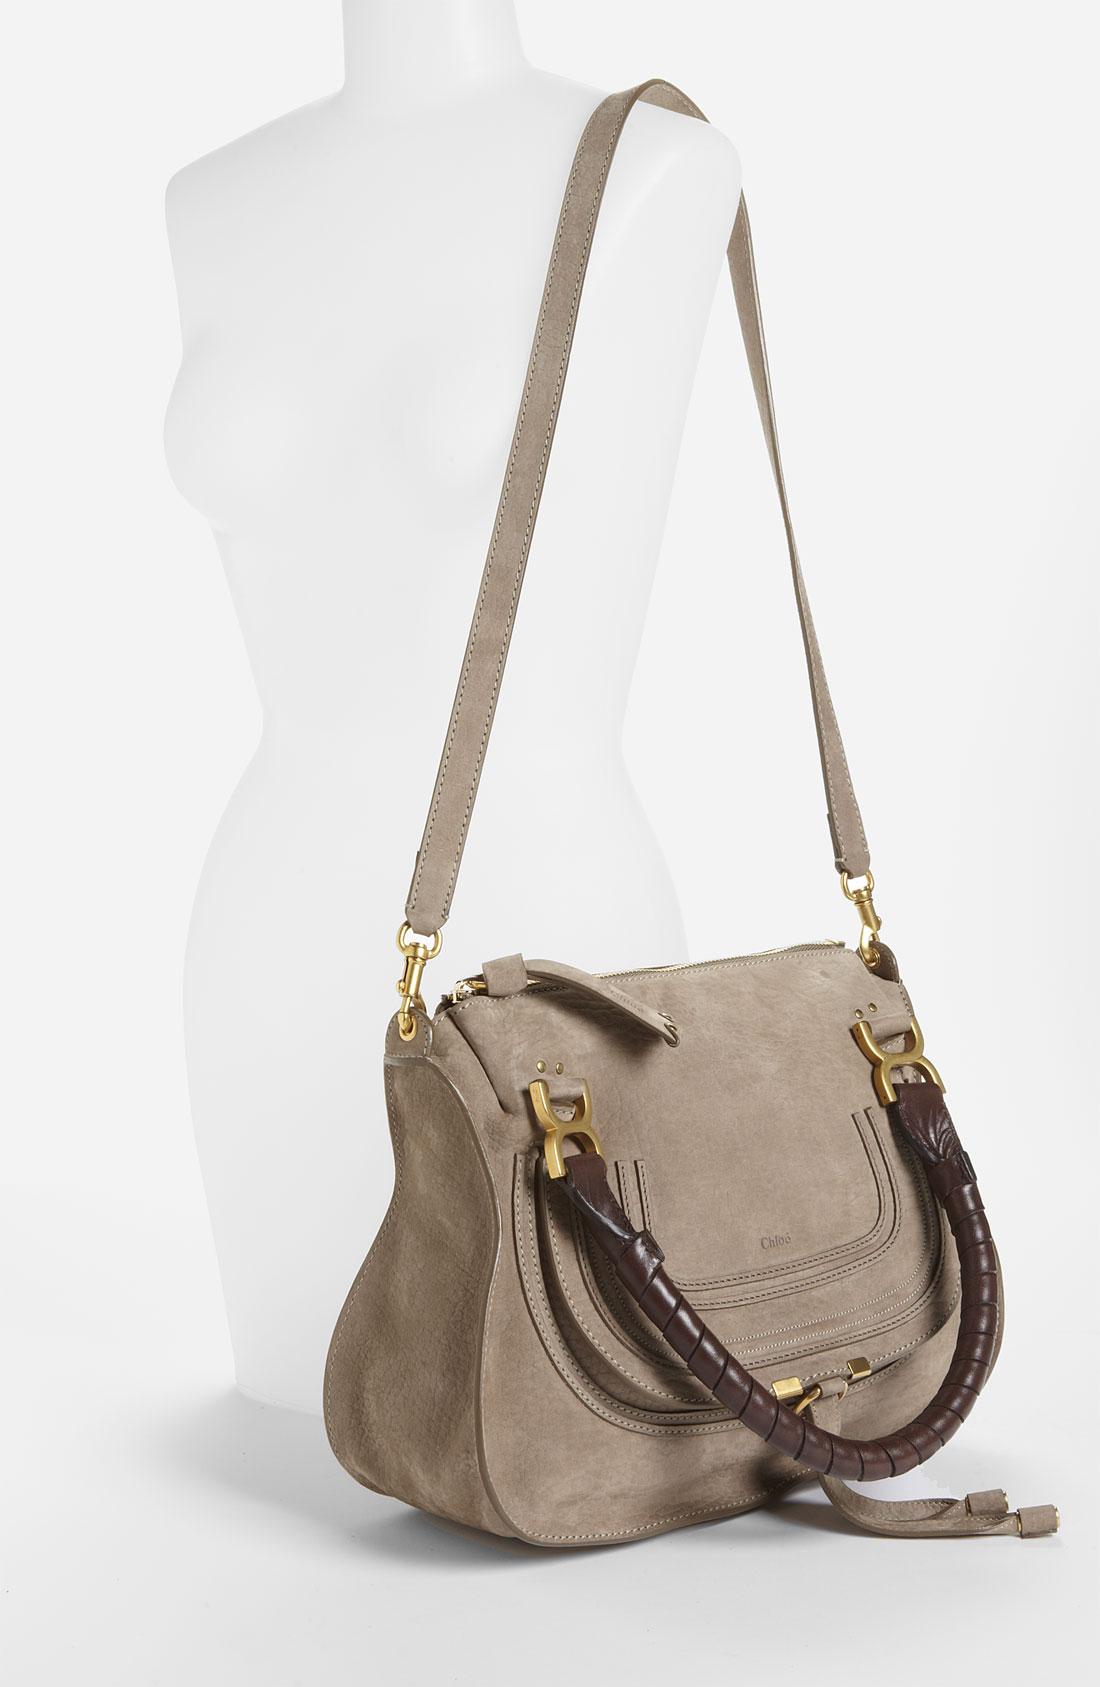 Chlo�� Marcie Small Nubuck Leather Shoulder Bag in Beige (khaki)   Lyst